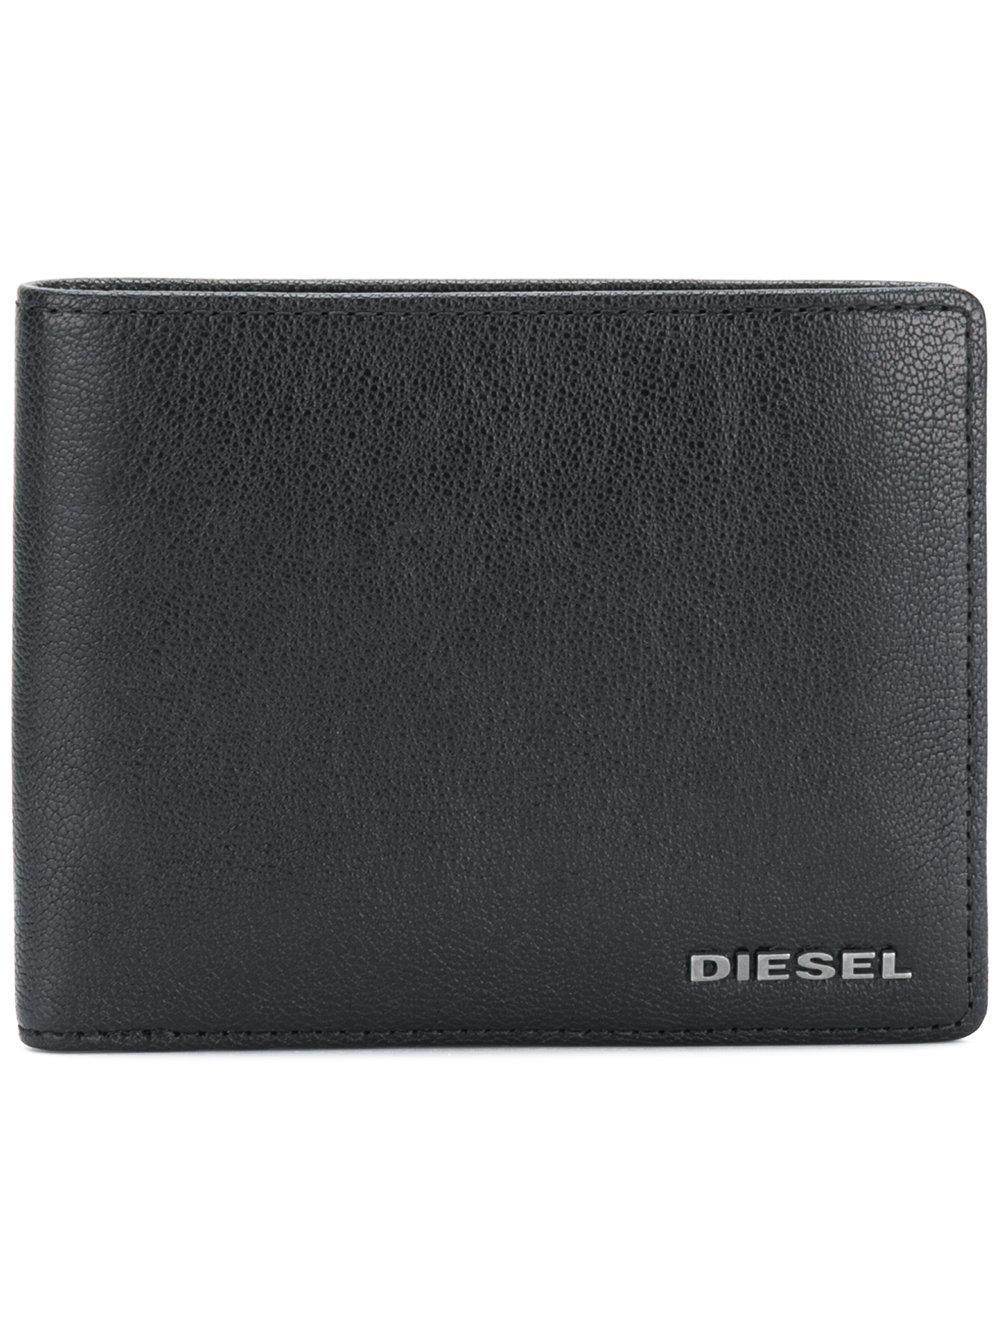 Diesel Hiresh Wallet - Black